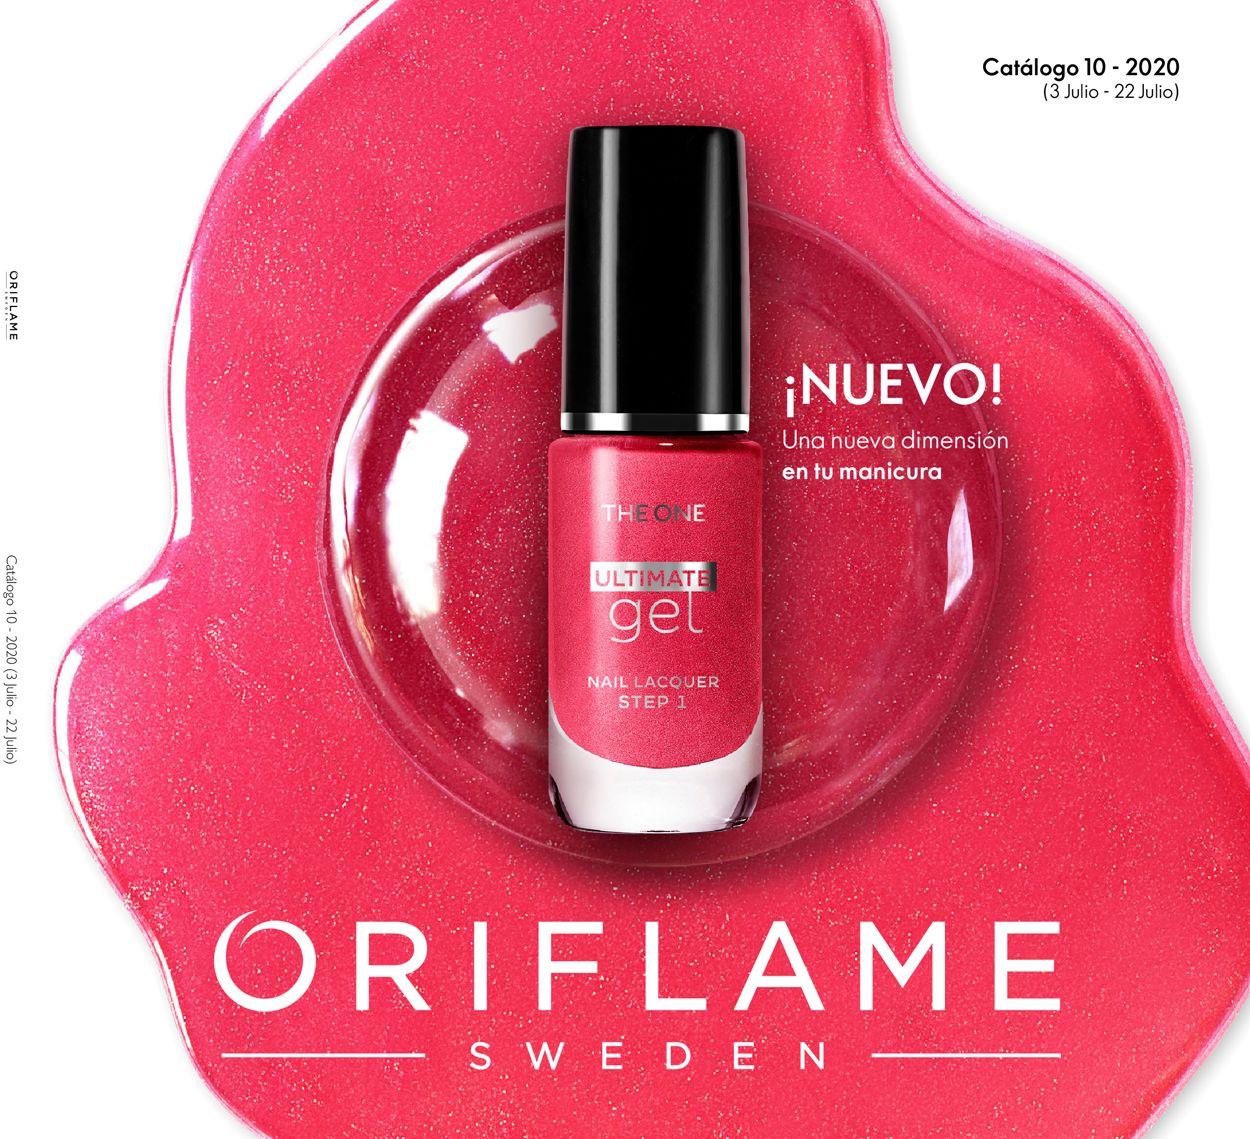 Oriflame Folleto - 03.07-22.07.2020